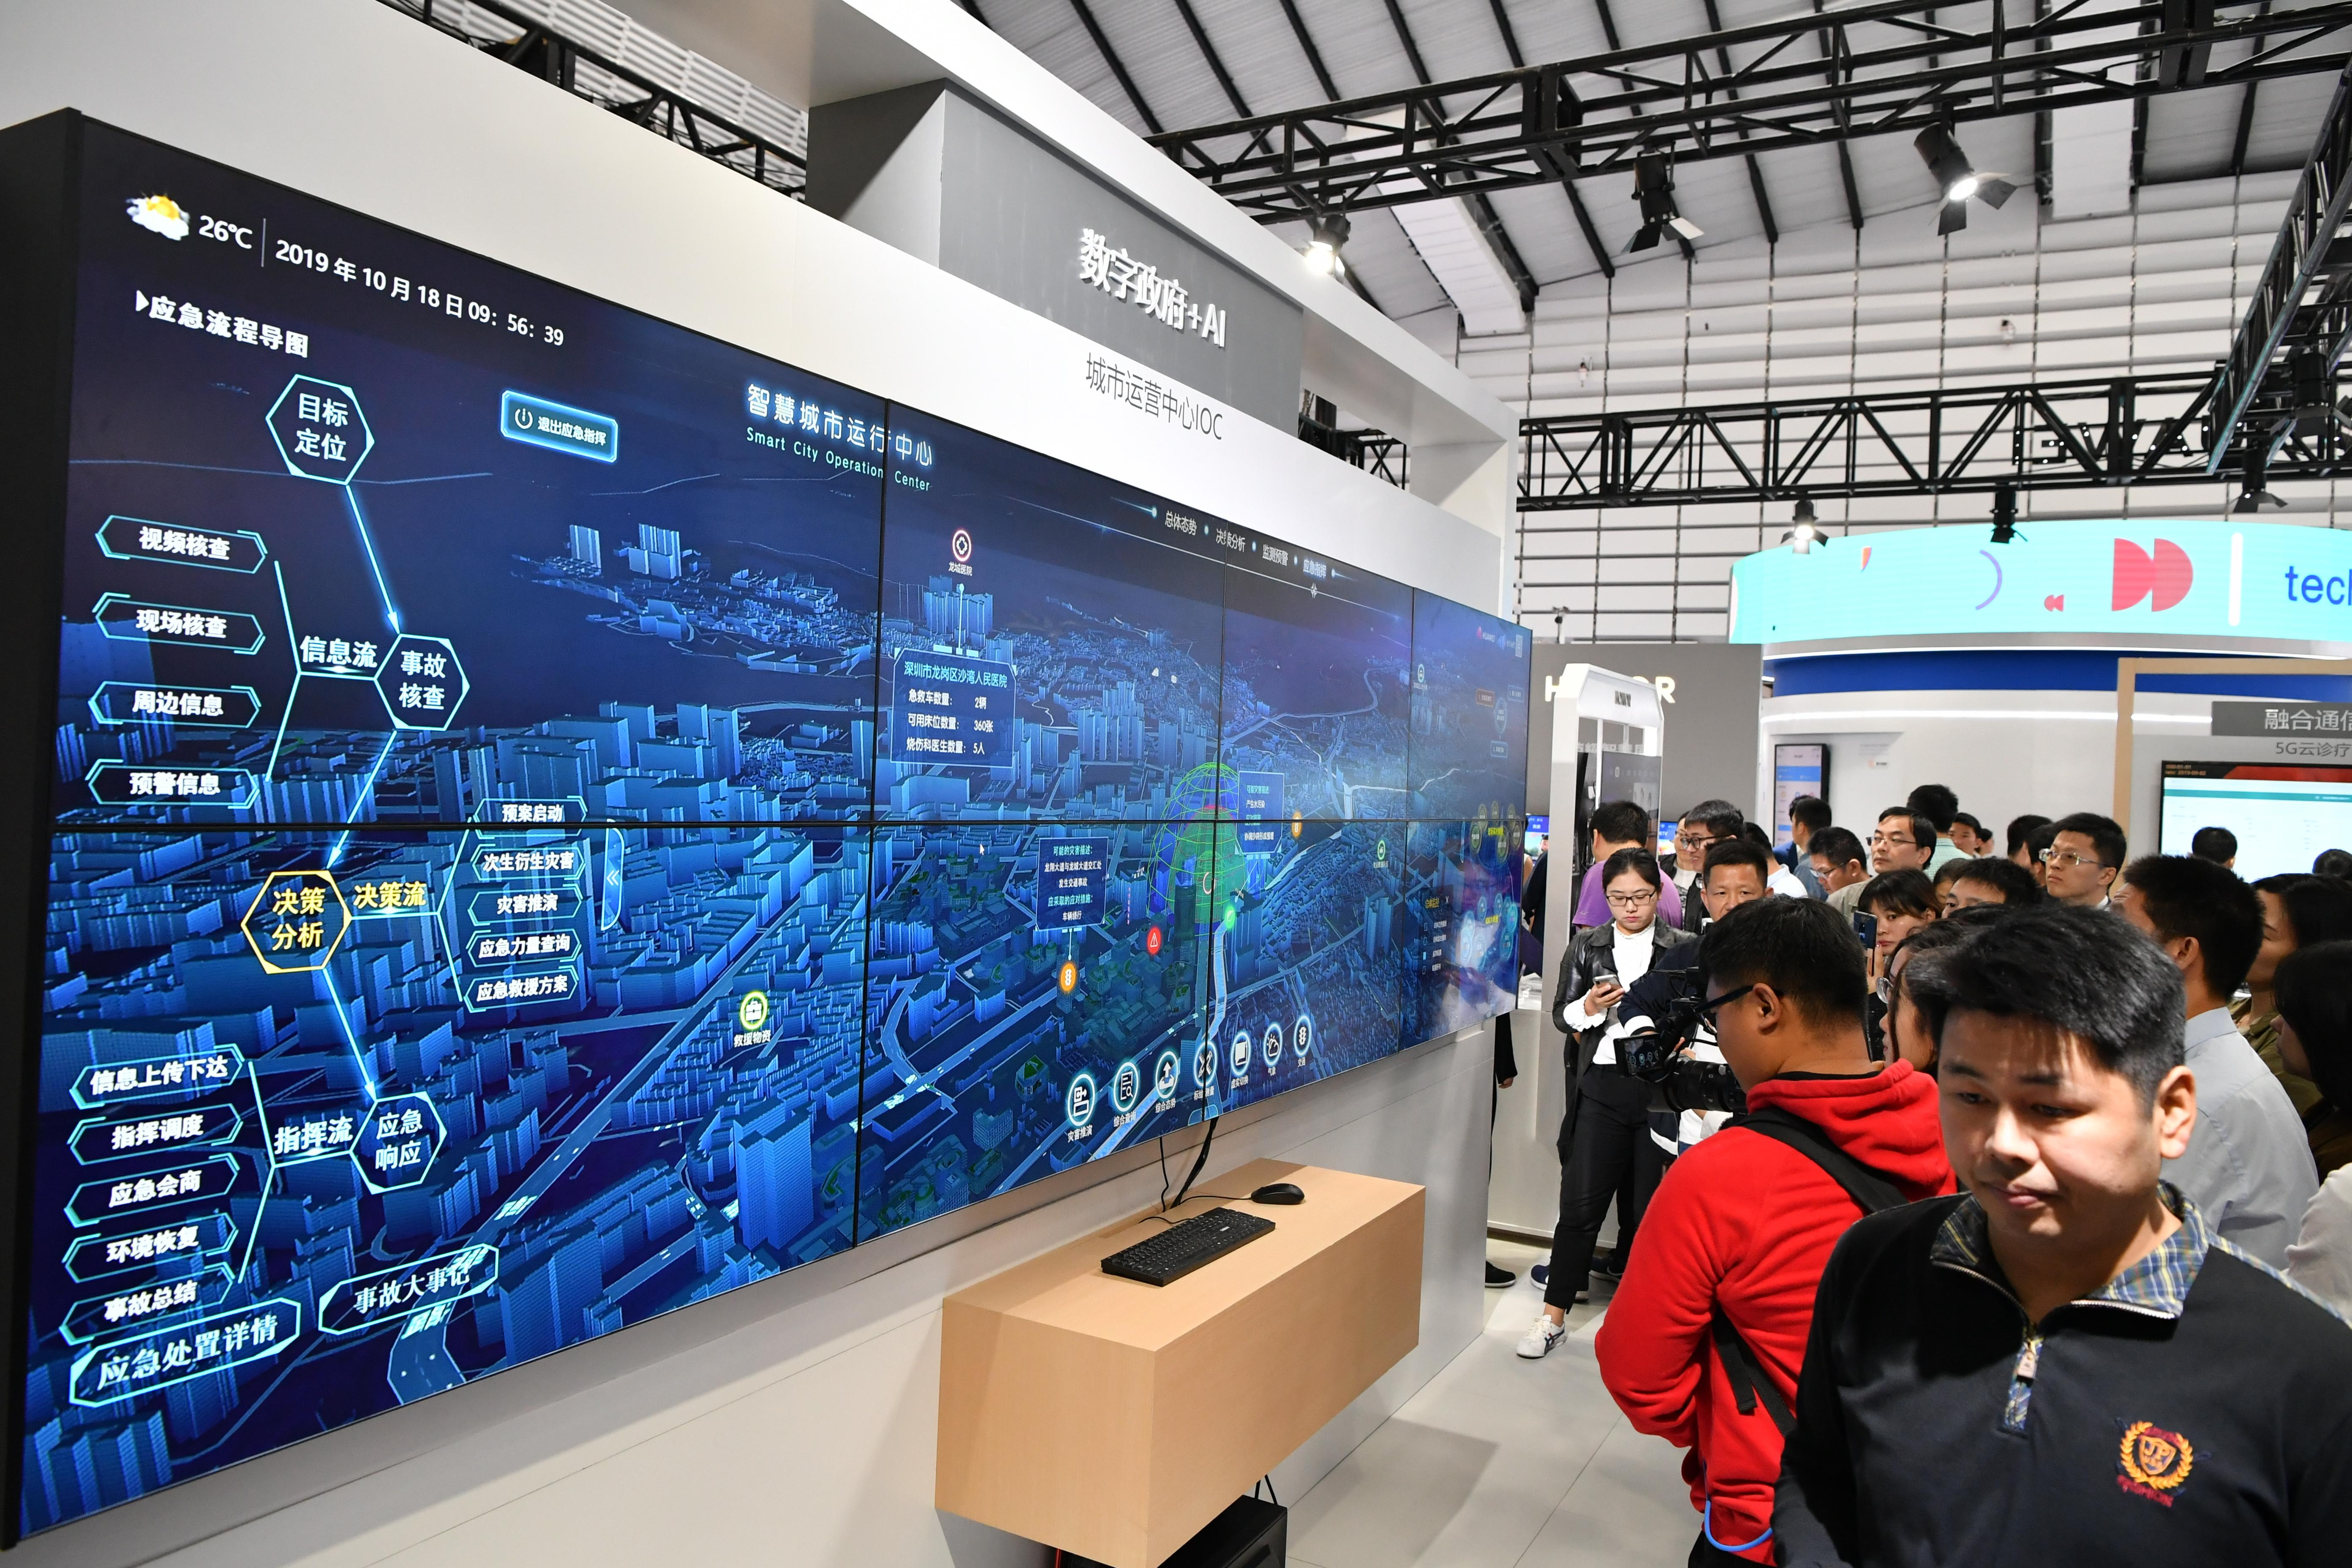 """""""数字政府""""亮相""""互联网之光"""" 借大数据进行城市管理"""